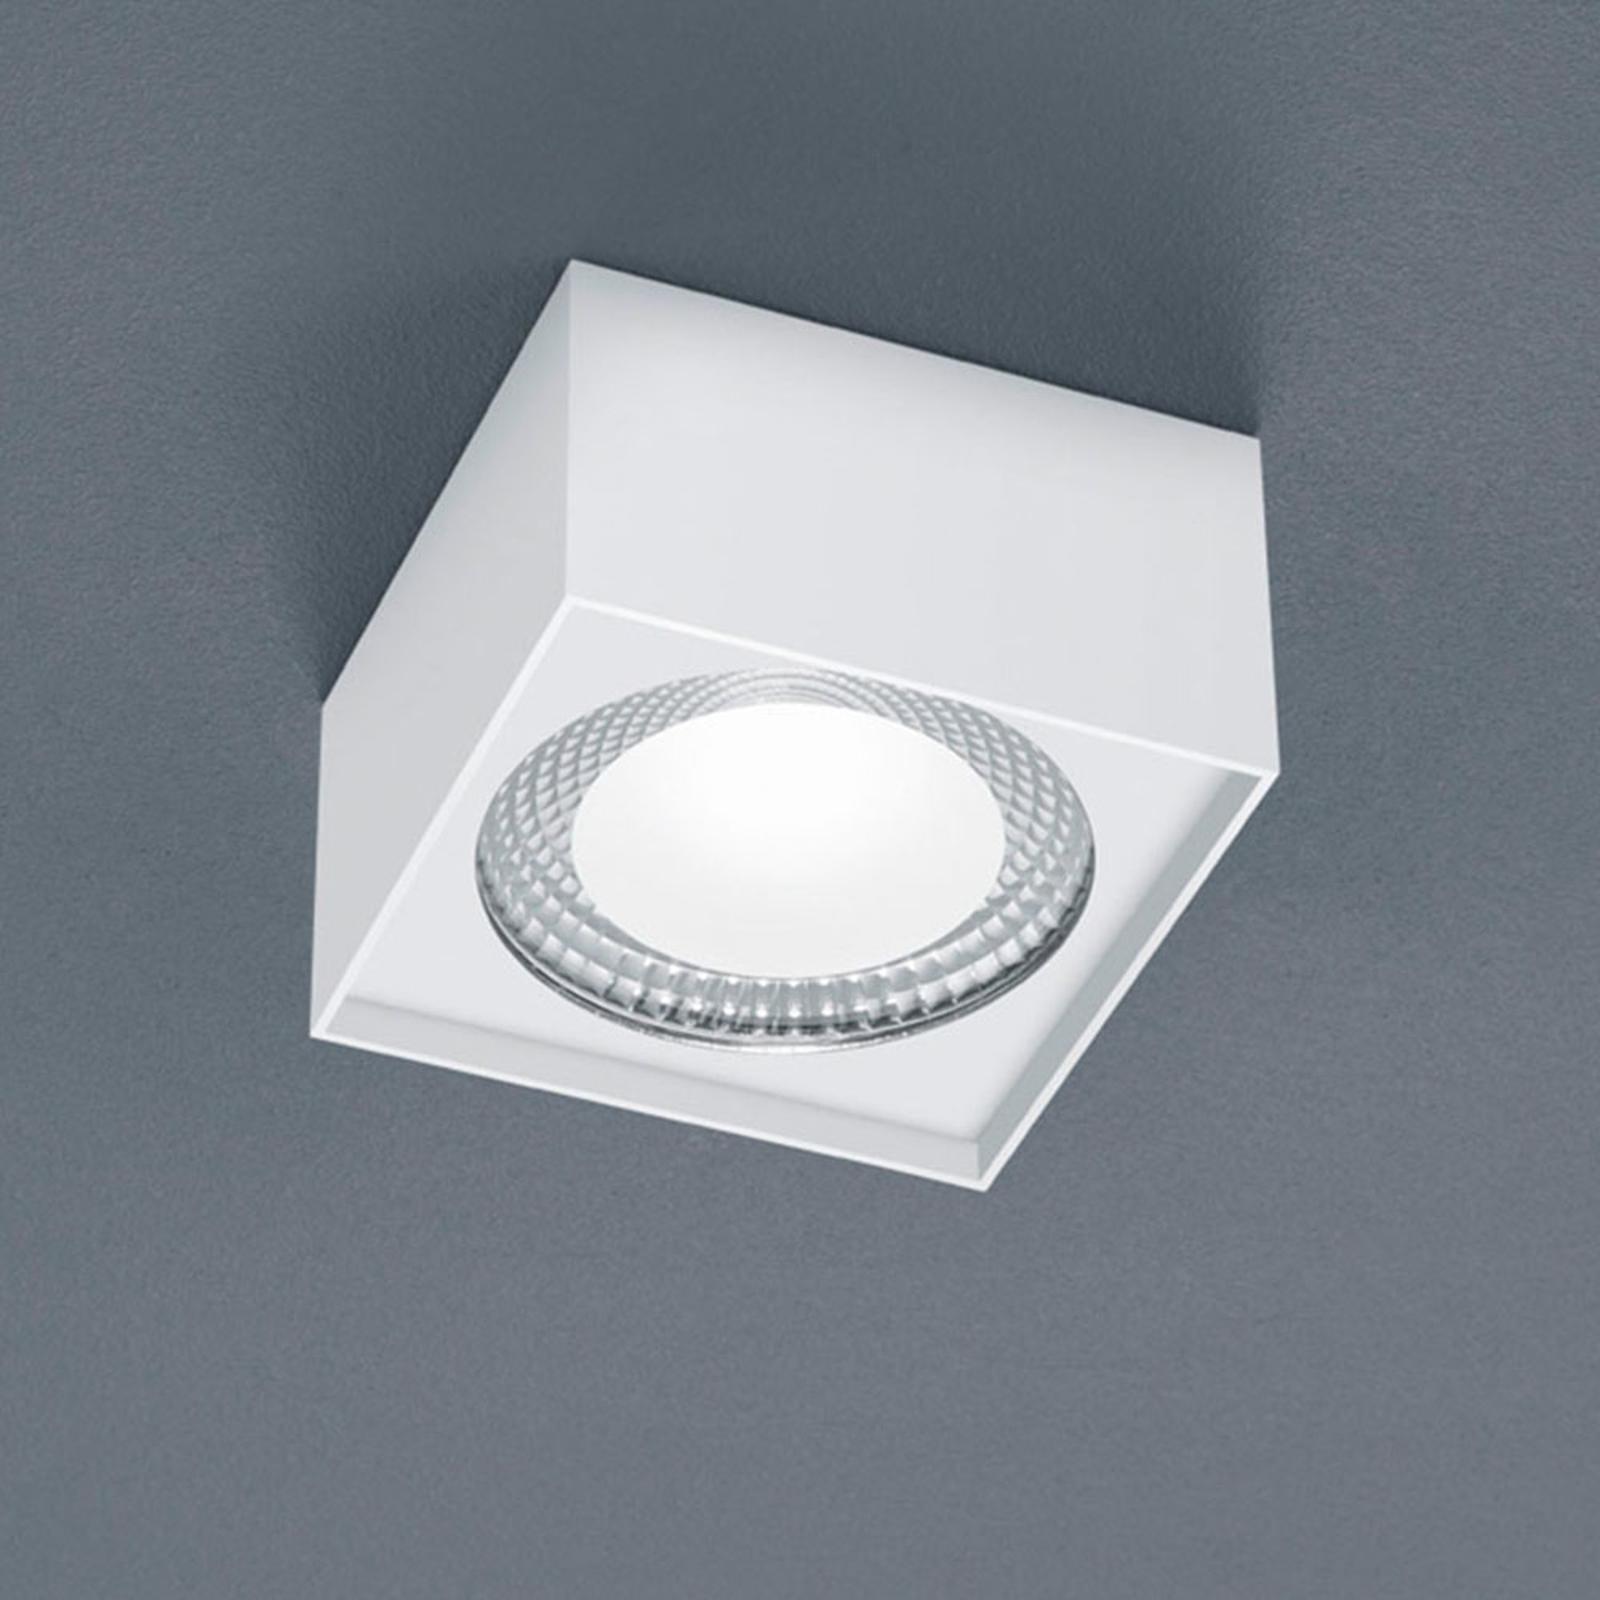 Helestra Kari LED-Deckenleuchte, eckig, weiß